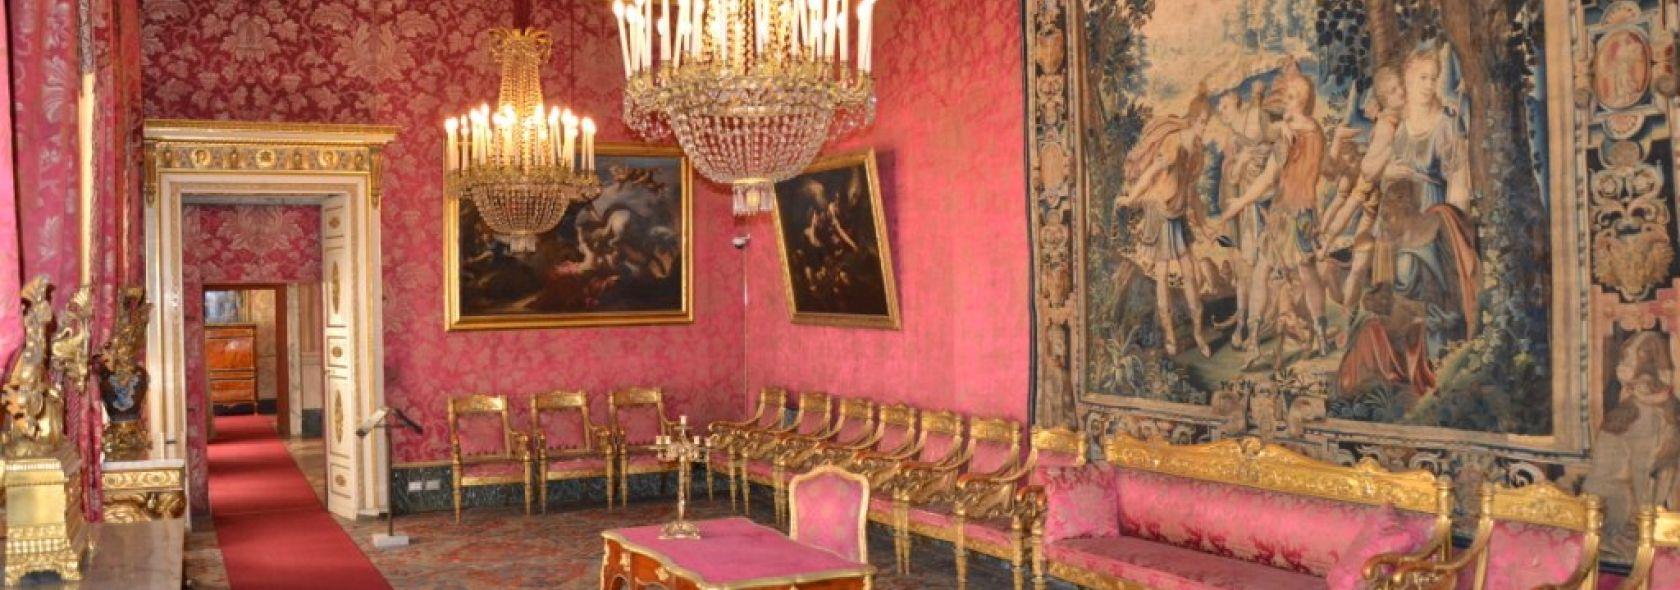 Palazzo Reale - Sala delle udienze